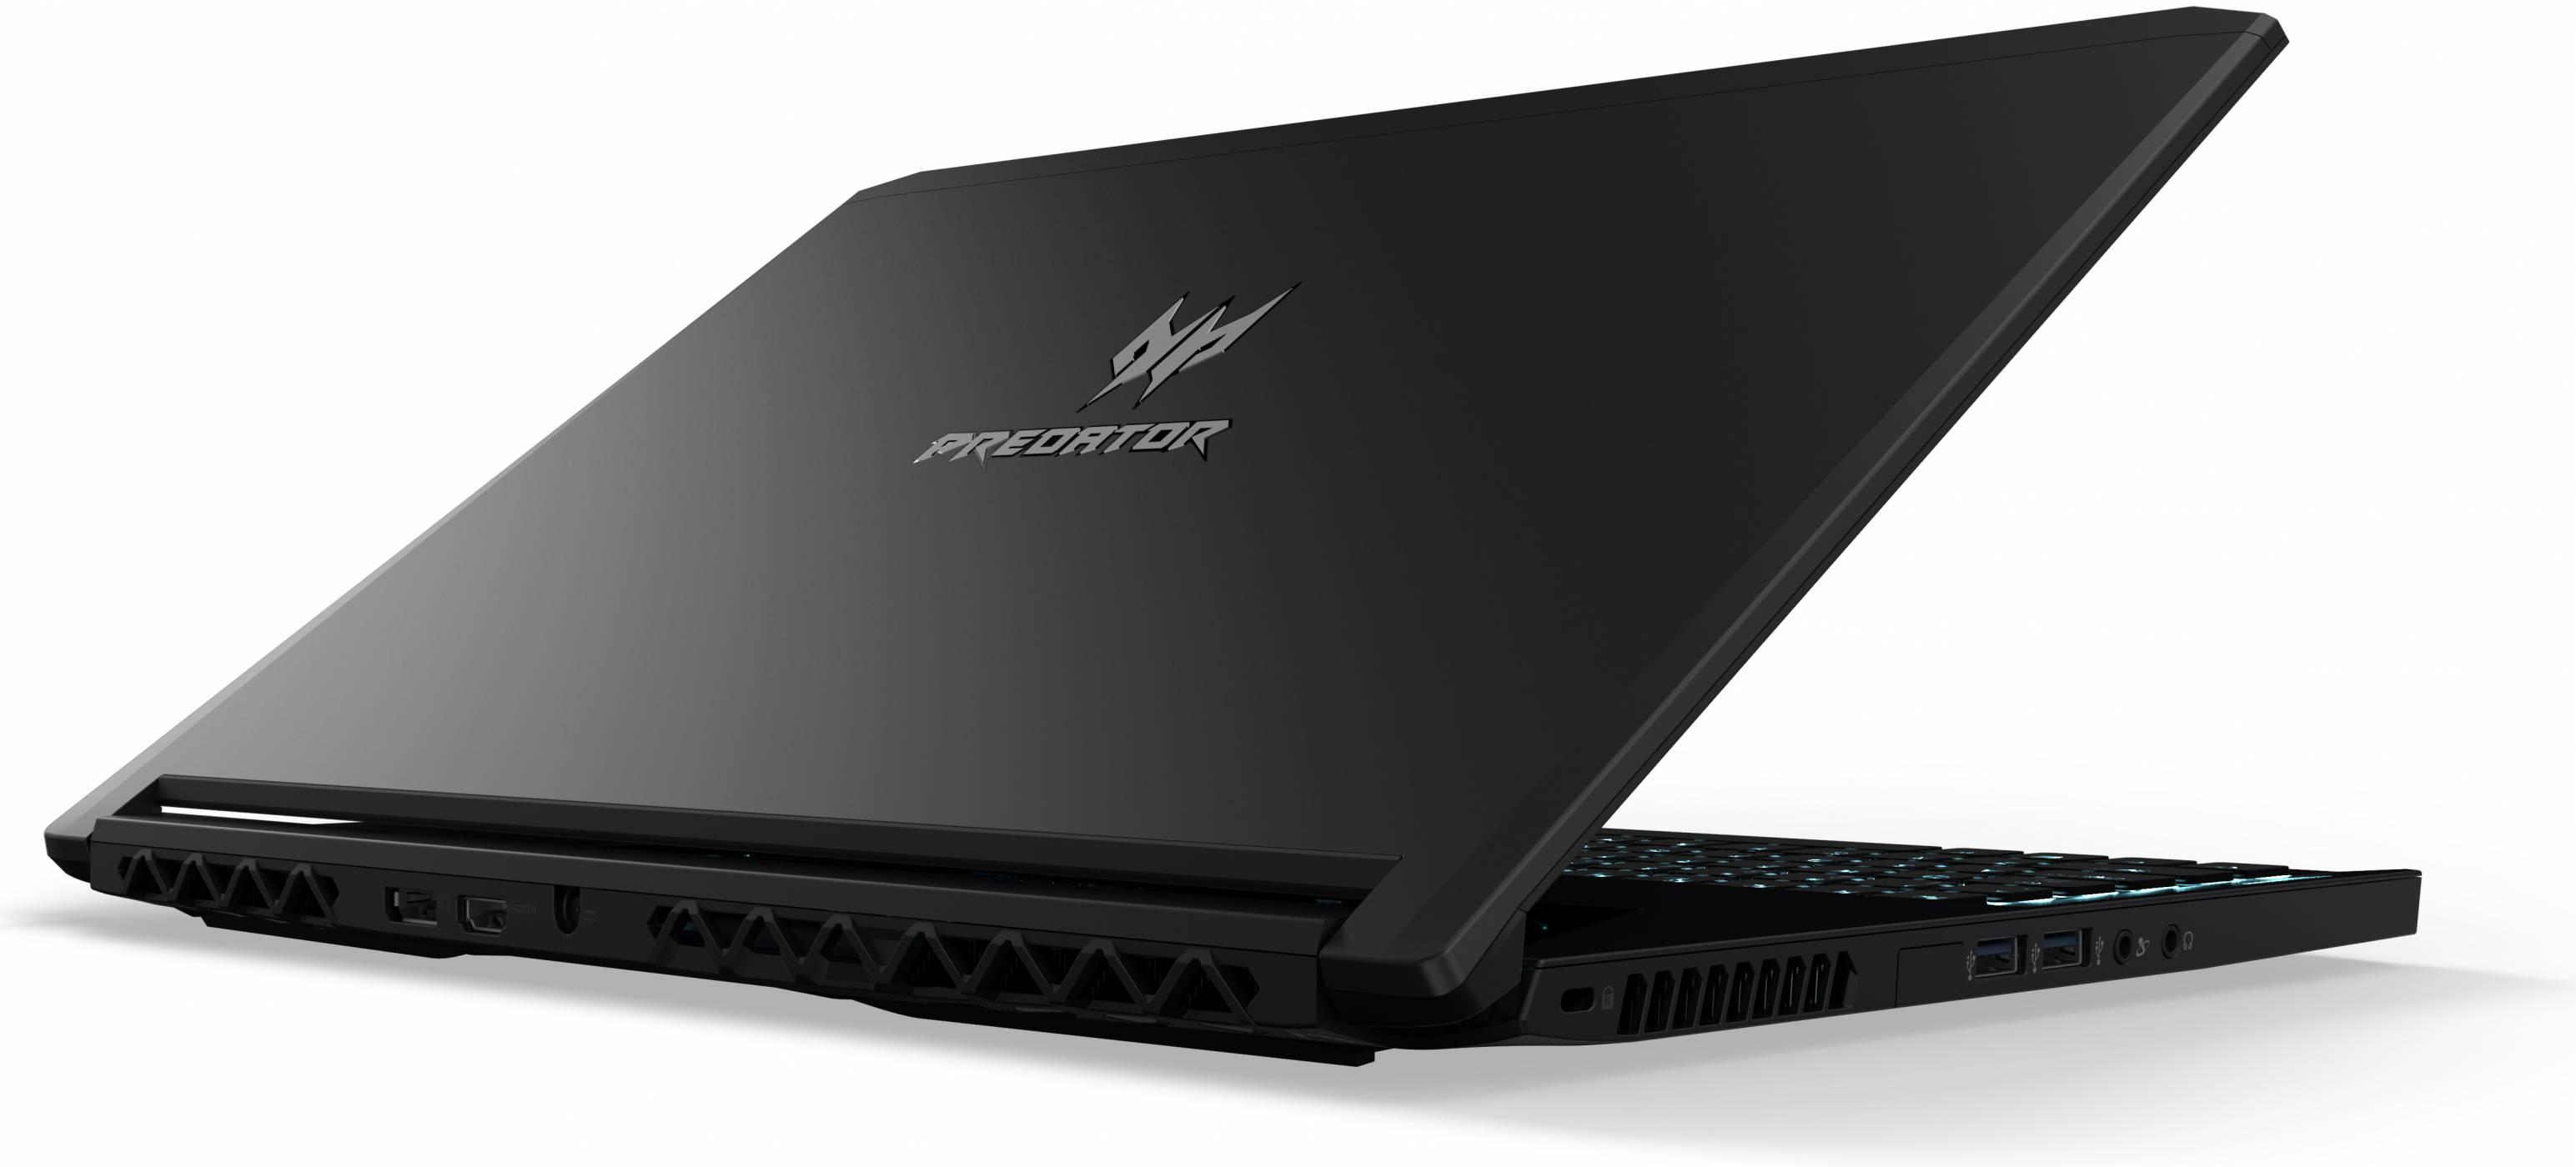 Acer Predator Triton 700: лаптопът, който ви приветства в ерата на Max-Q